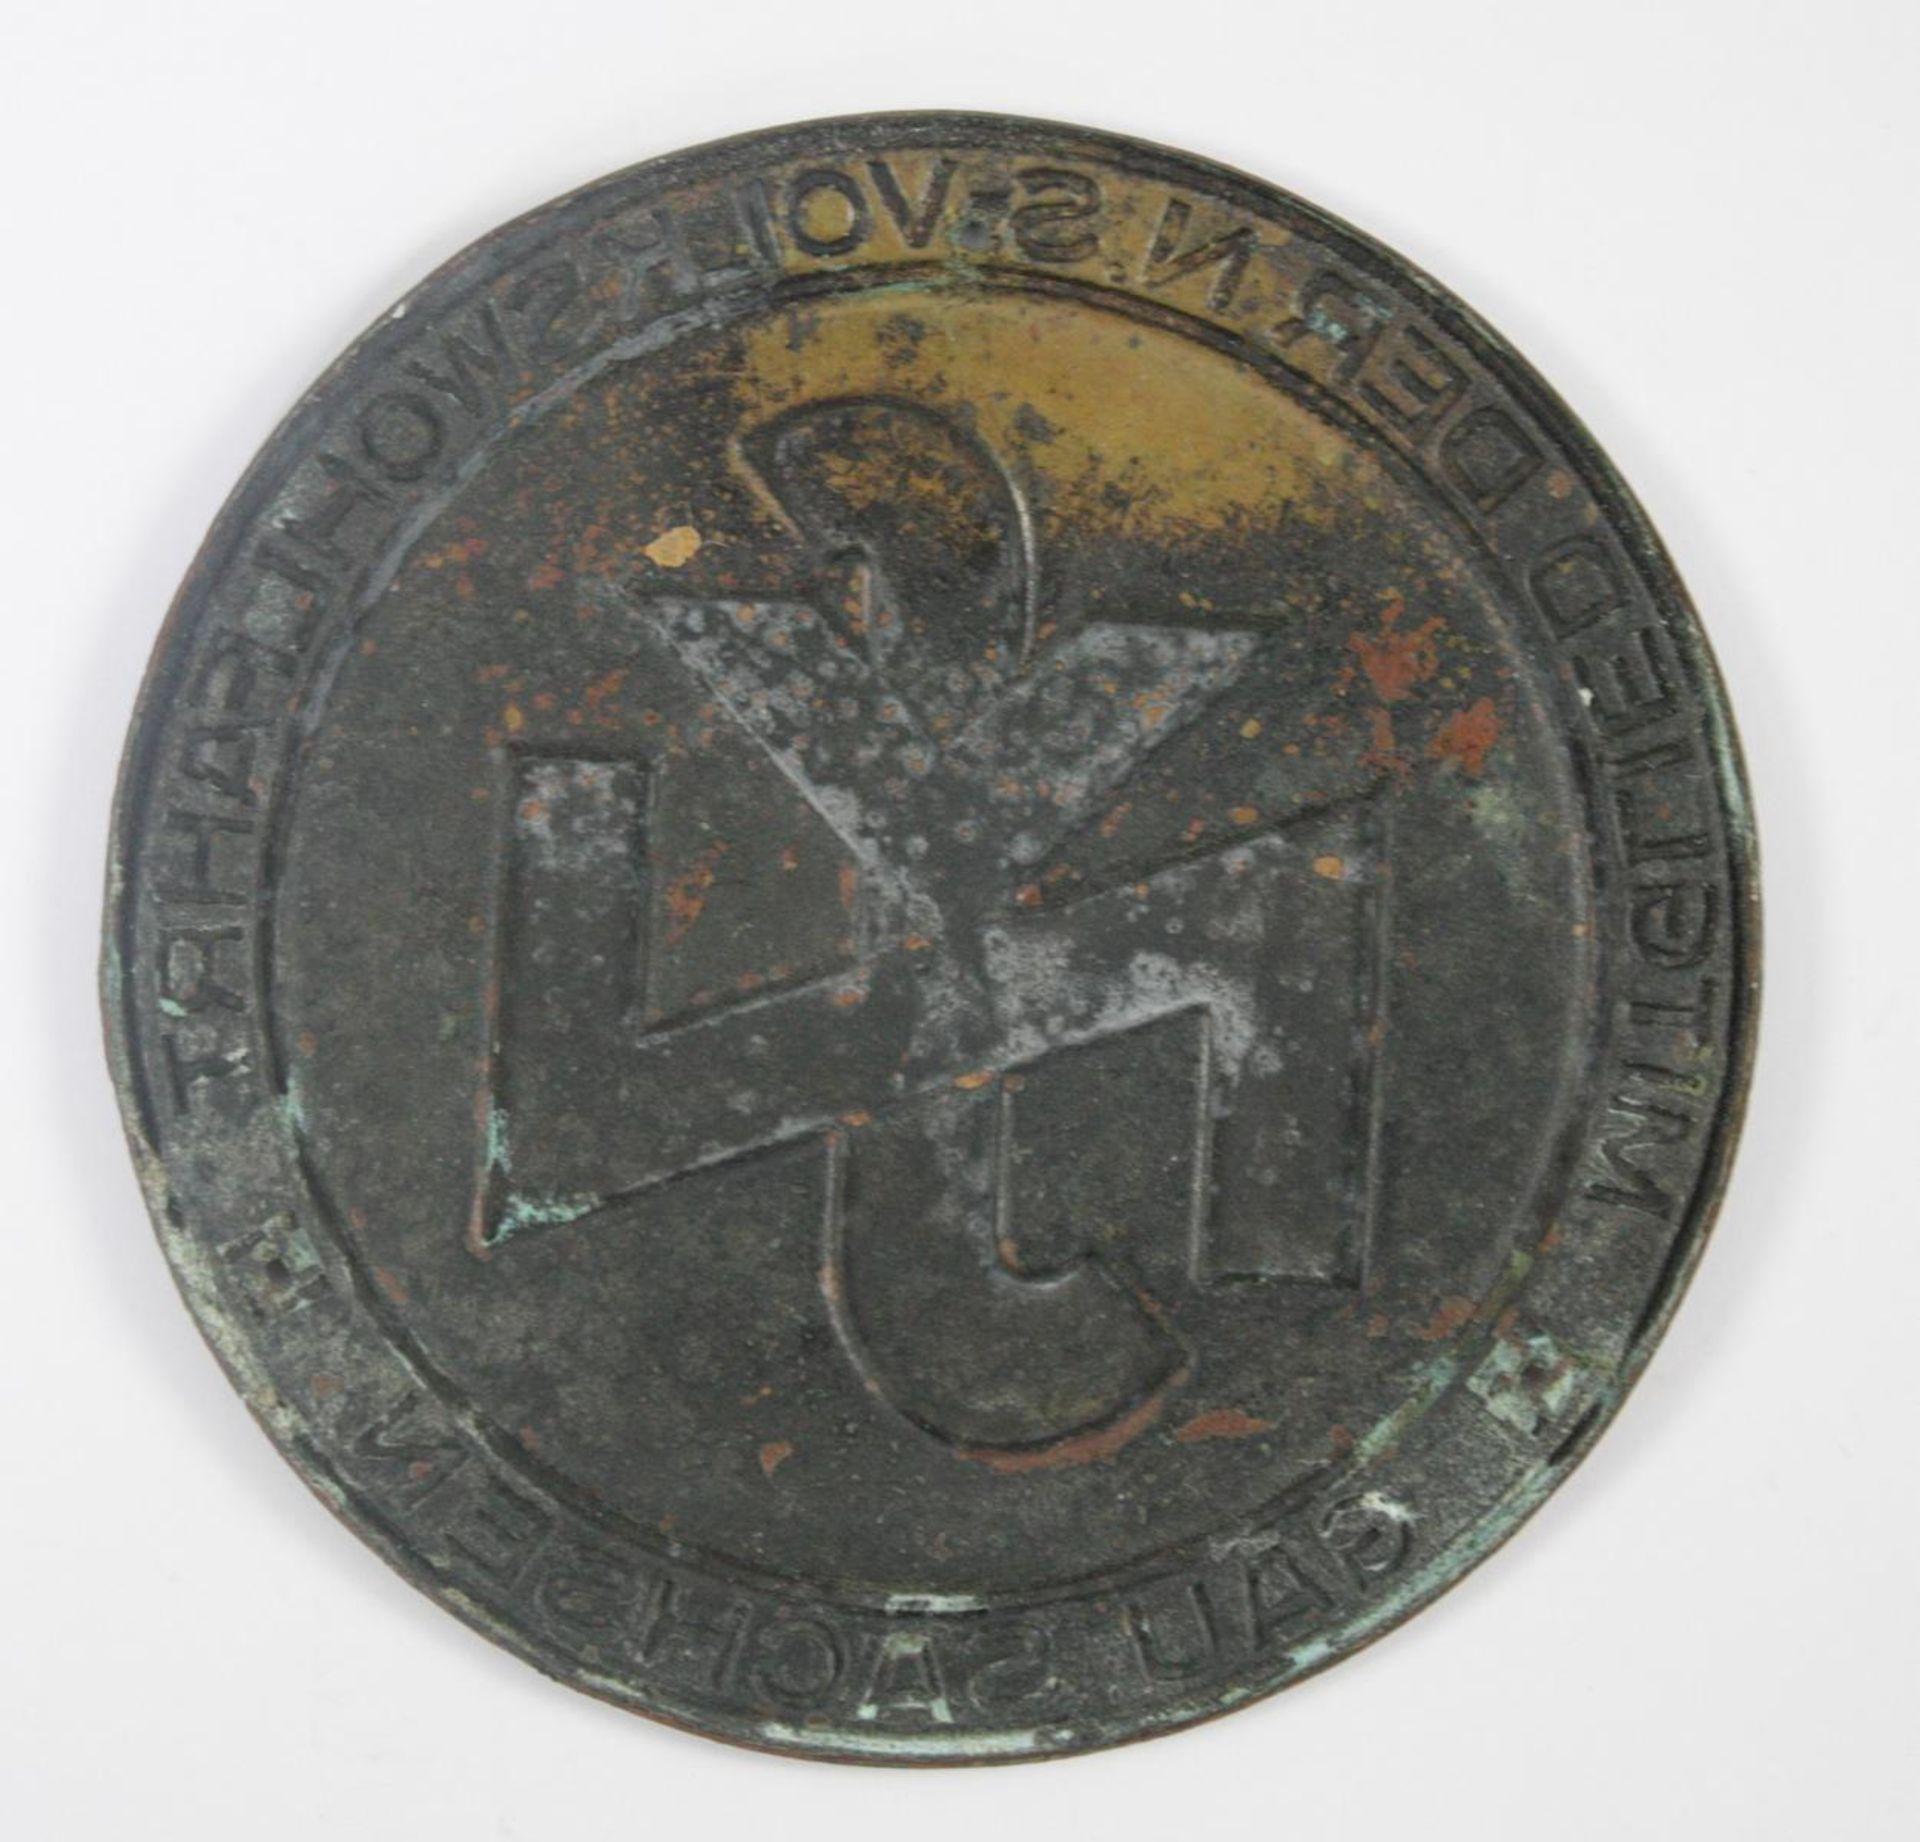 Kleine Türplakette NSV - Mitglied der NS Volkswohlfahrt Gau Sachsen - Bild 2 aus 2